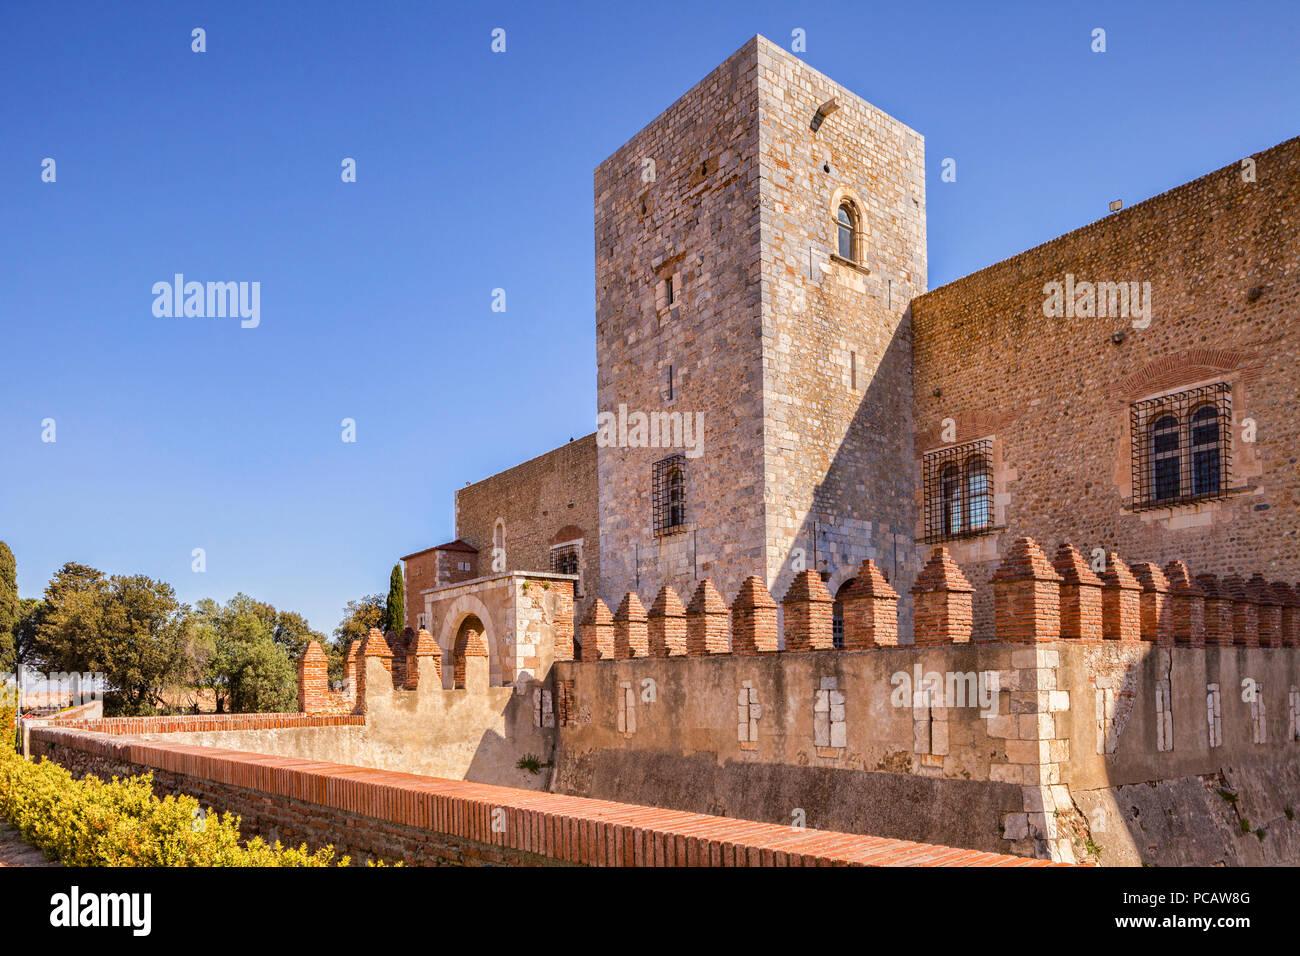 Palast der Könige von Mallorca in Perpignan, Languedoc-Roussillon, Pyrenees-Orientales, Frankreich. Stockbild